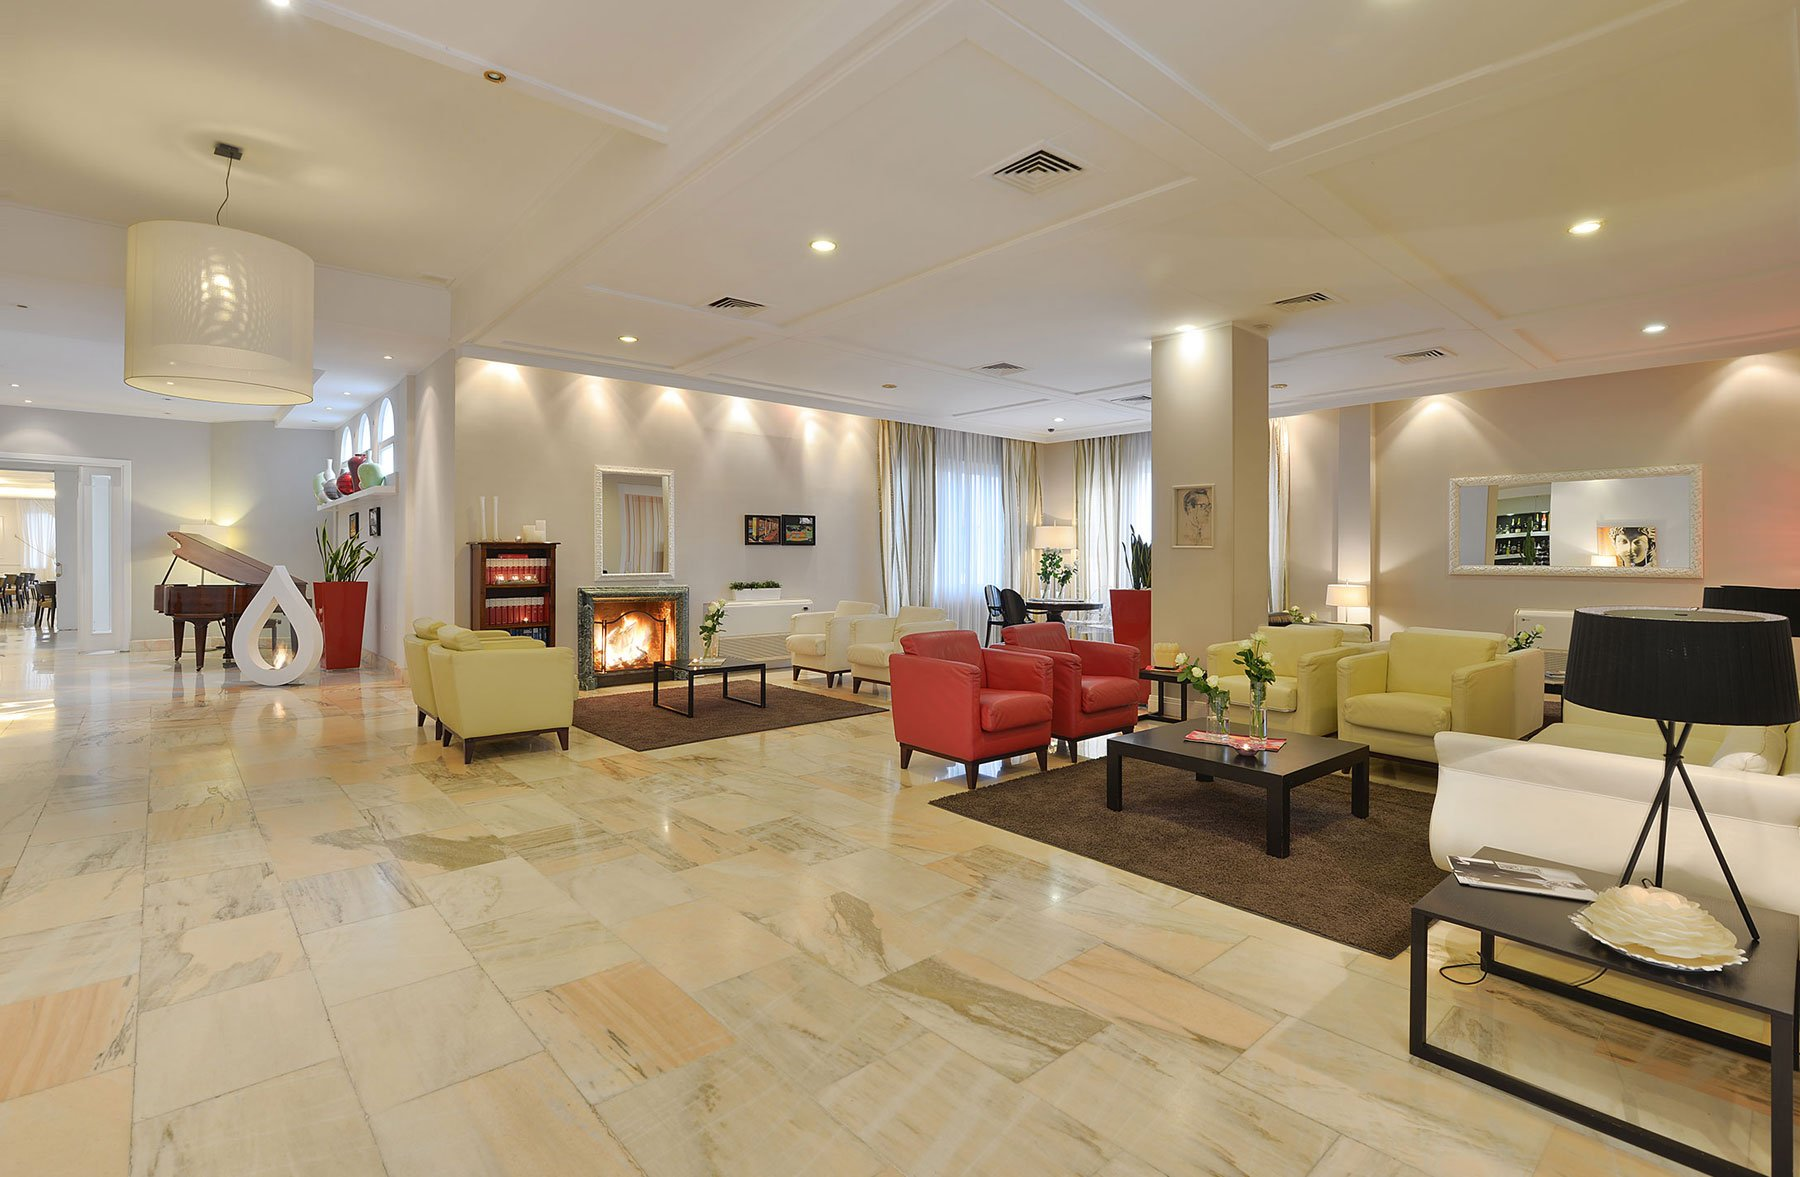 Una sala grande con poltrone,divani, un camino e un pianoforte